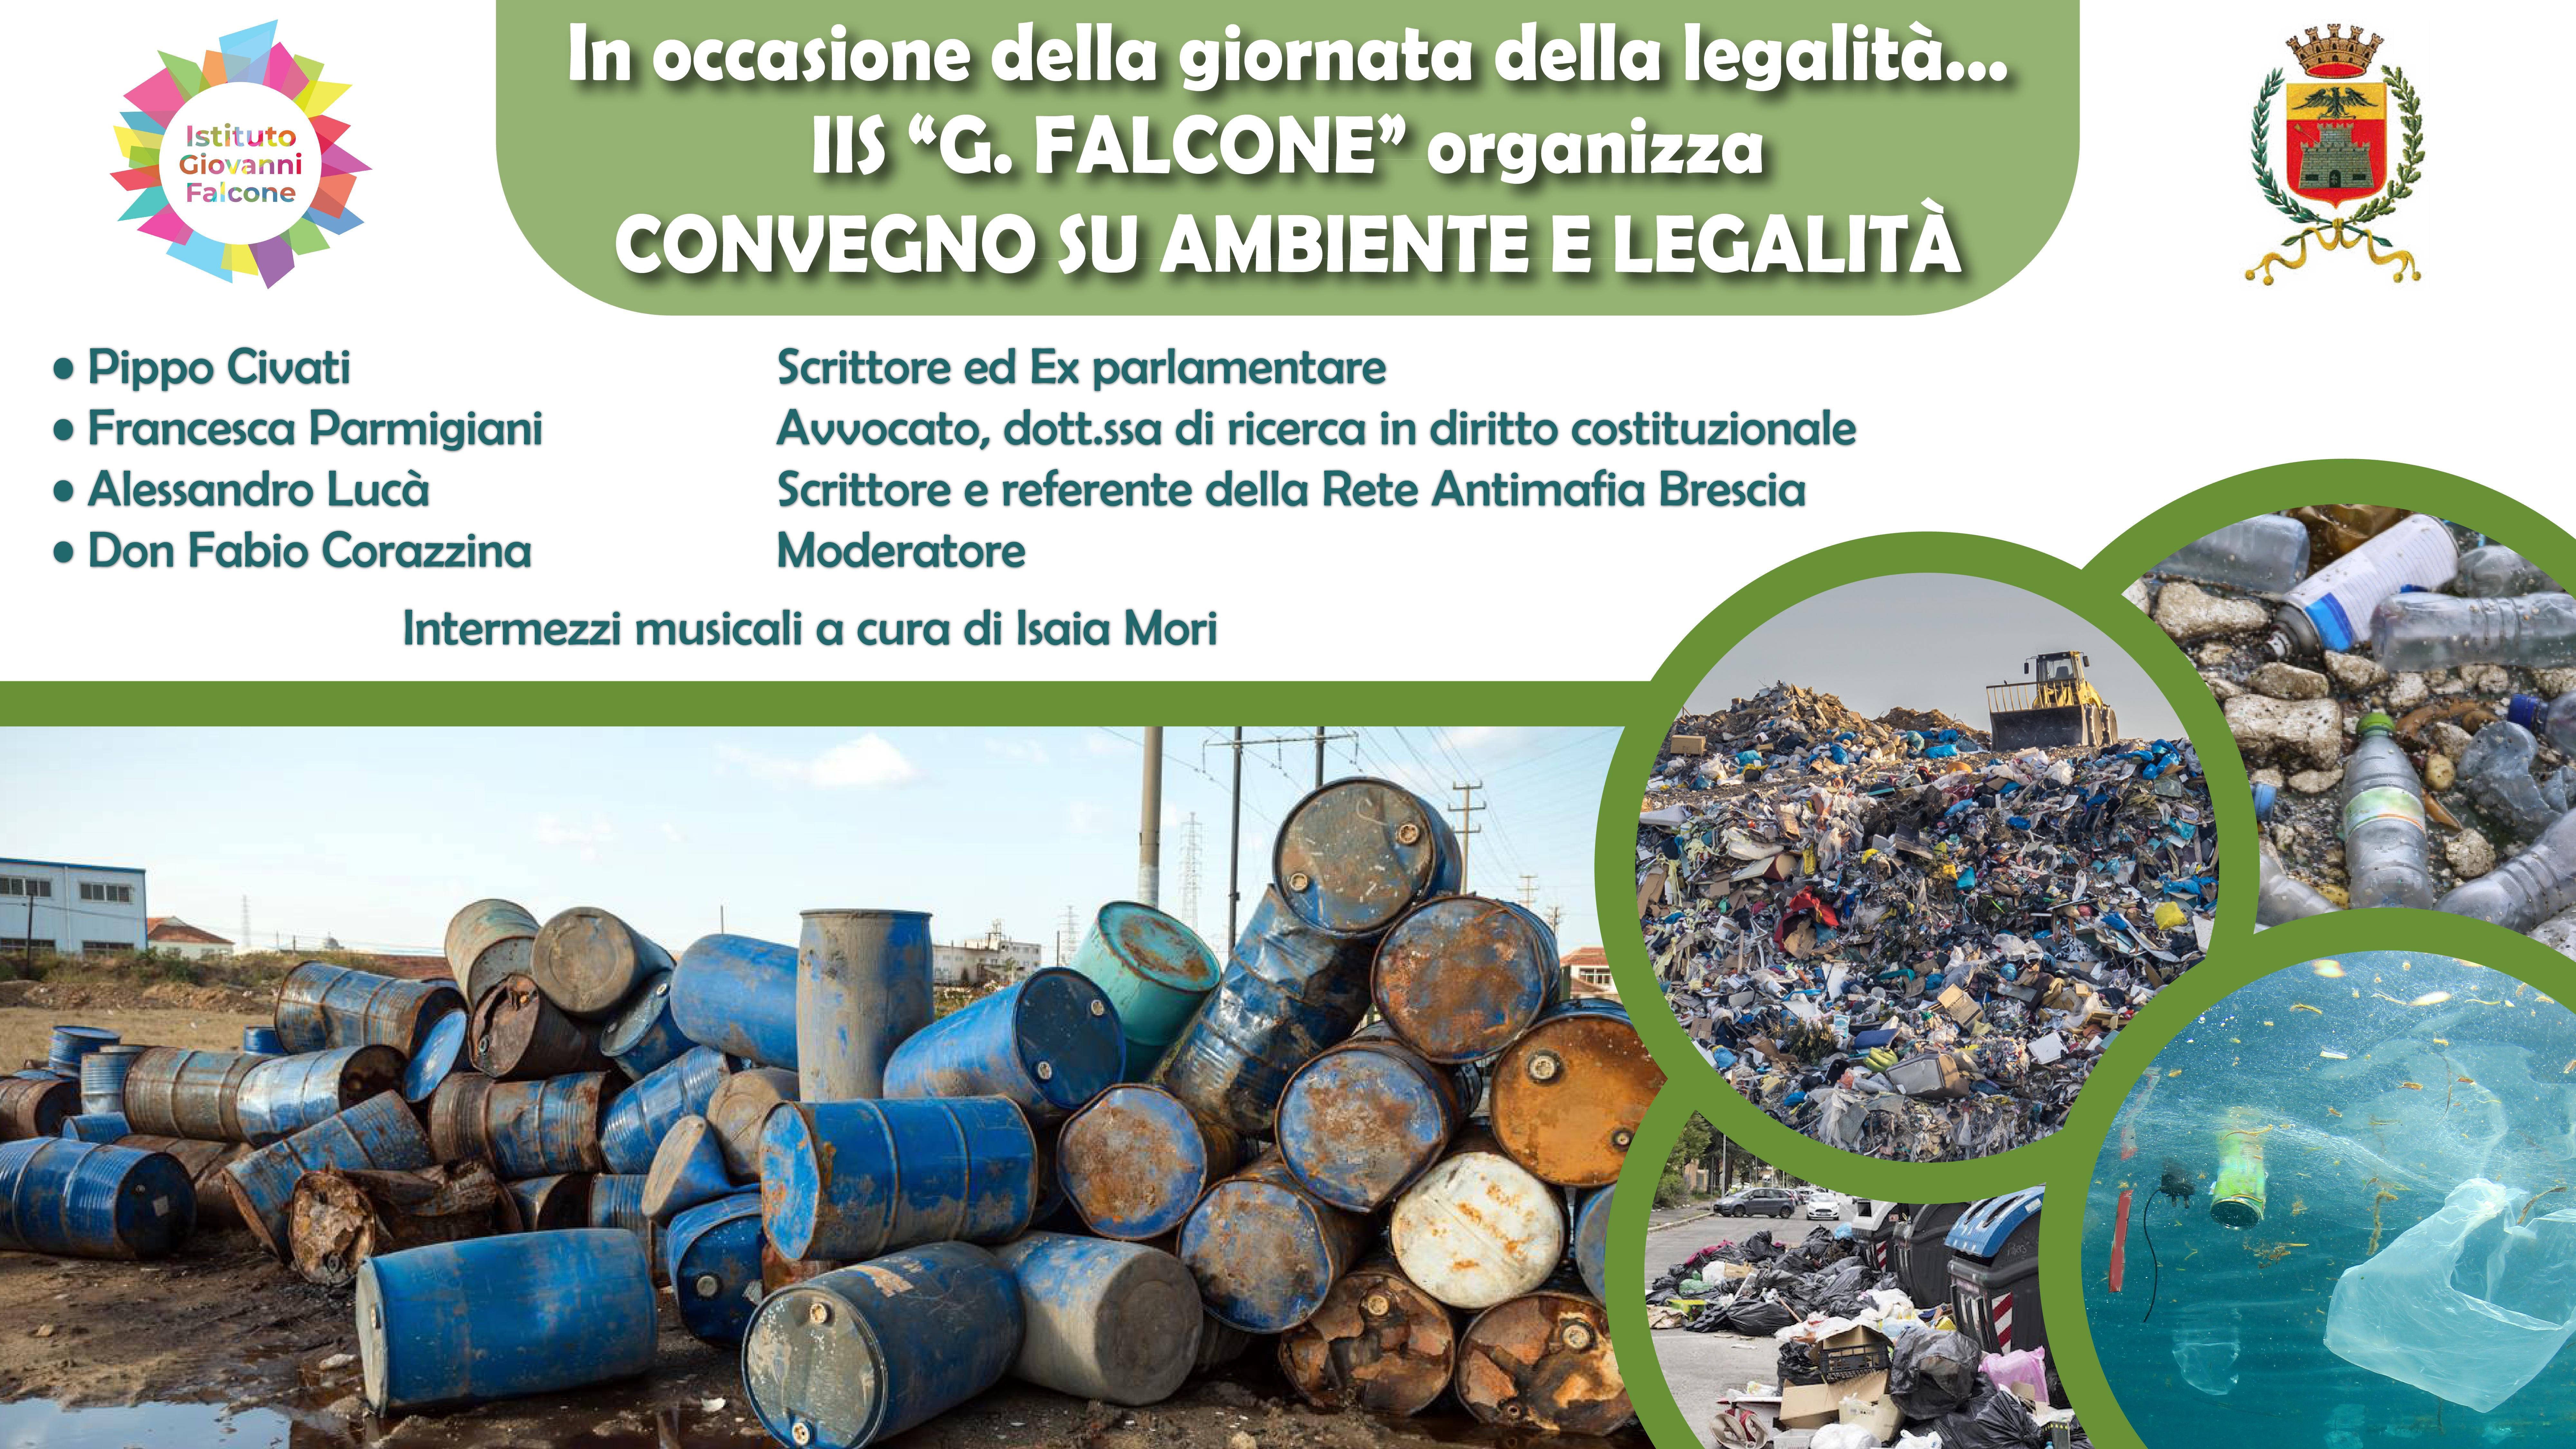 Convegno su Ambiente e Legalità